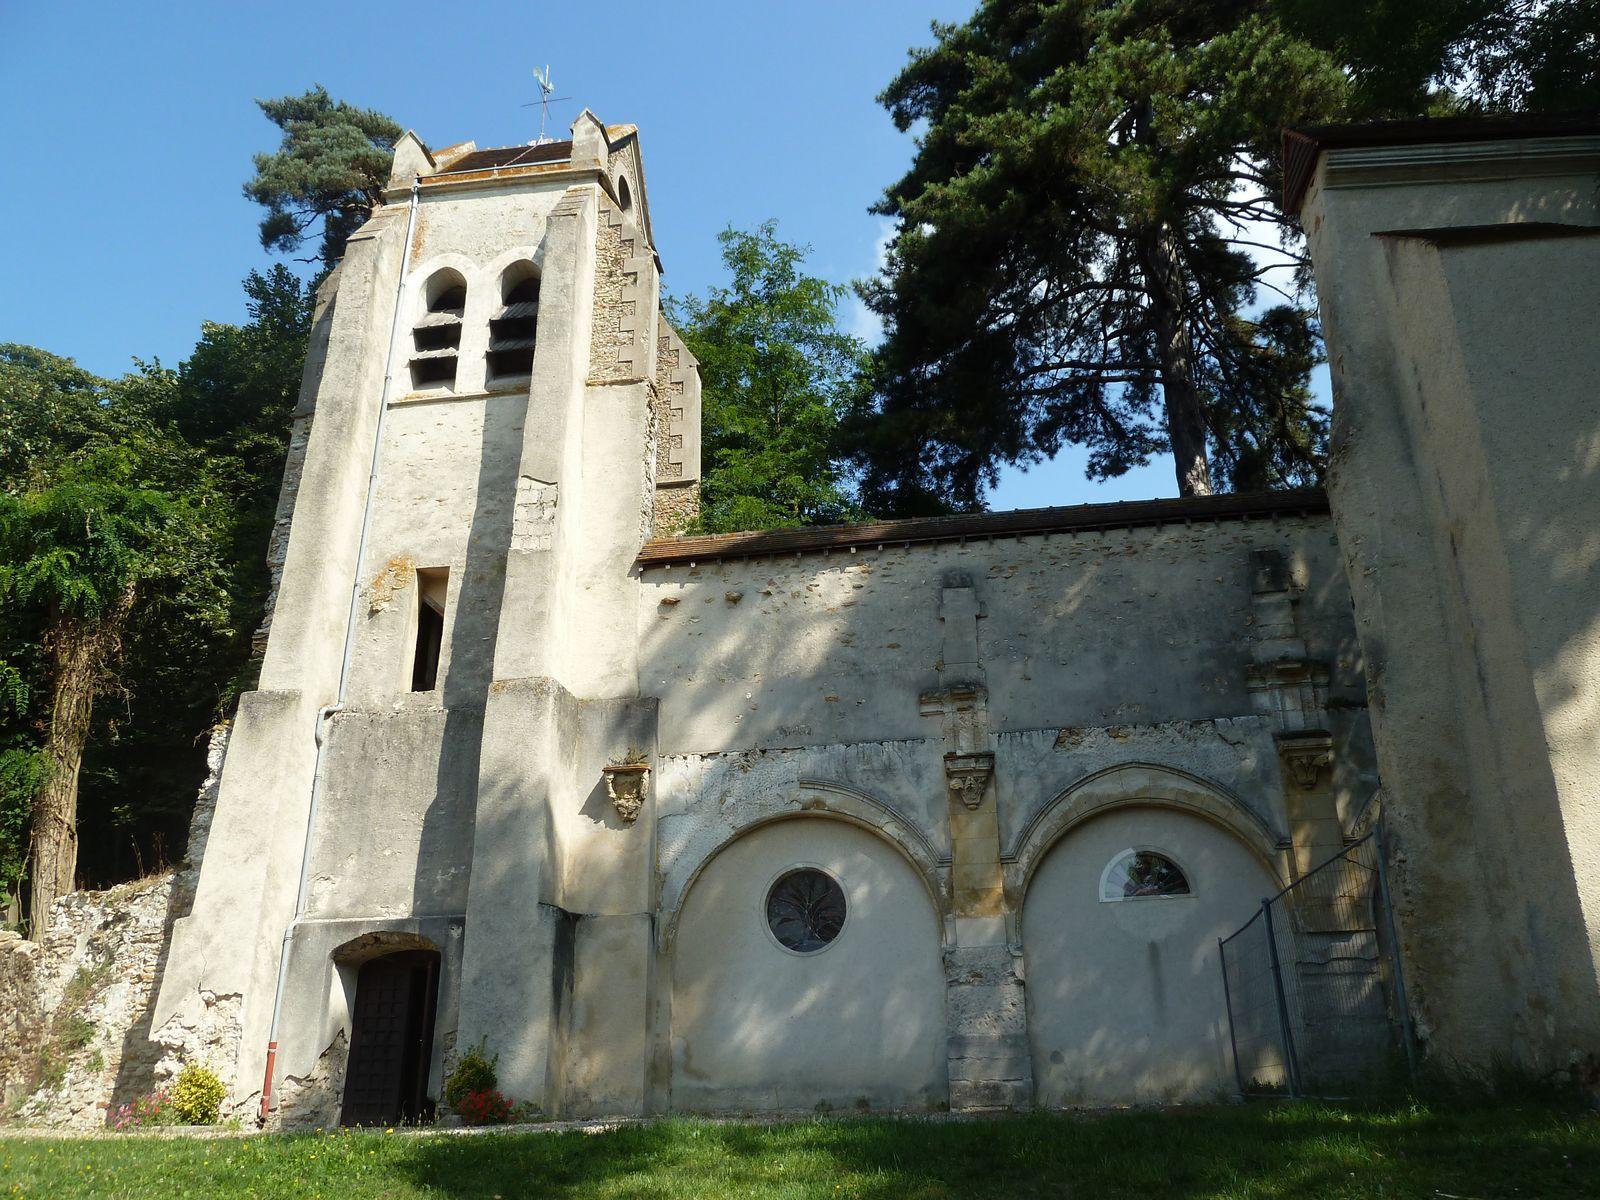 Ruines de l'église de Piscop érigée en paroisse en 1211 et disposait alors d'une chapelle. Une petite église Renaissance a été bâtie à son emplacement au cours du XVIème siècle, comportant une nef de quatre travées, un chœur en hémicycle et des bas-côtés, communiquant avec la nef par des arcades plein cintre. Le clocher en bâtière se dresse au nord de la première travée de la nef. Il comporte quatre niveaux, et l'étage supérieur est percé sur chaque face de deux baies abat-son plein cintre. Les autres baies sont également plein cintre. L'église est abandonnée en 1806, puis finalement remise en état et utilisé de nouveau pour le culte à partir de 1840. L'effondrement du toit en 1955 met définitivement un terme à l'utilisation de l'église. Le clocher reste intact, mais seuls le mur nord de la nef, le mur du chœur et environ la moitié du mur sud de la nef subsistent. Ces vestiges ont bénéficié d'une restauration en 1985 en vue de les pérenniser en l'état. Les arcades ont été bouchées pour des raisons de stabilité.